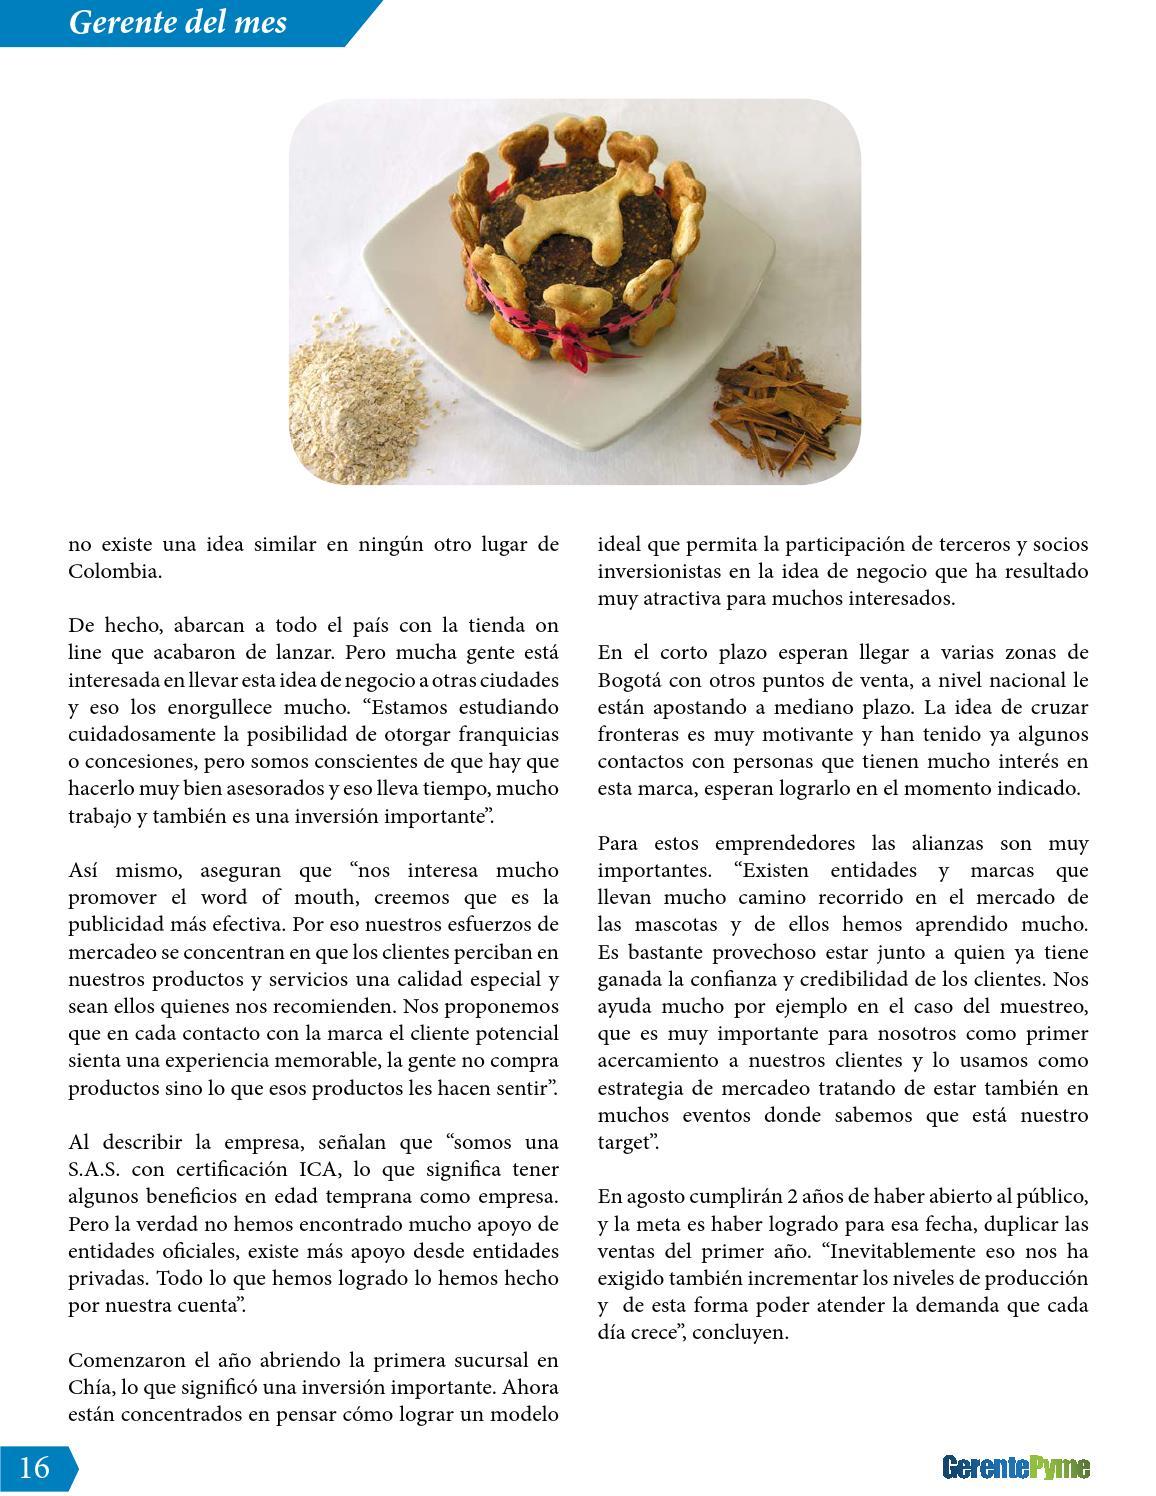 Revista Gerente Pyme edicion julio 2014 by Revista Gerente Pyme - issuu